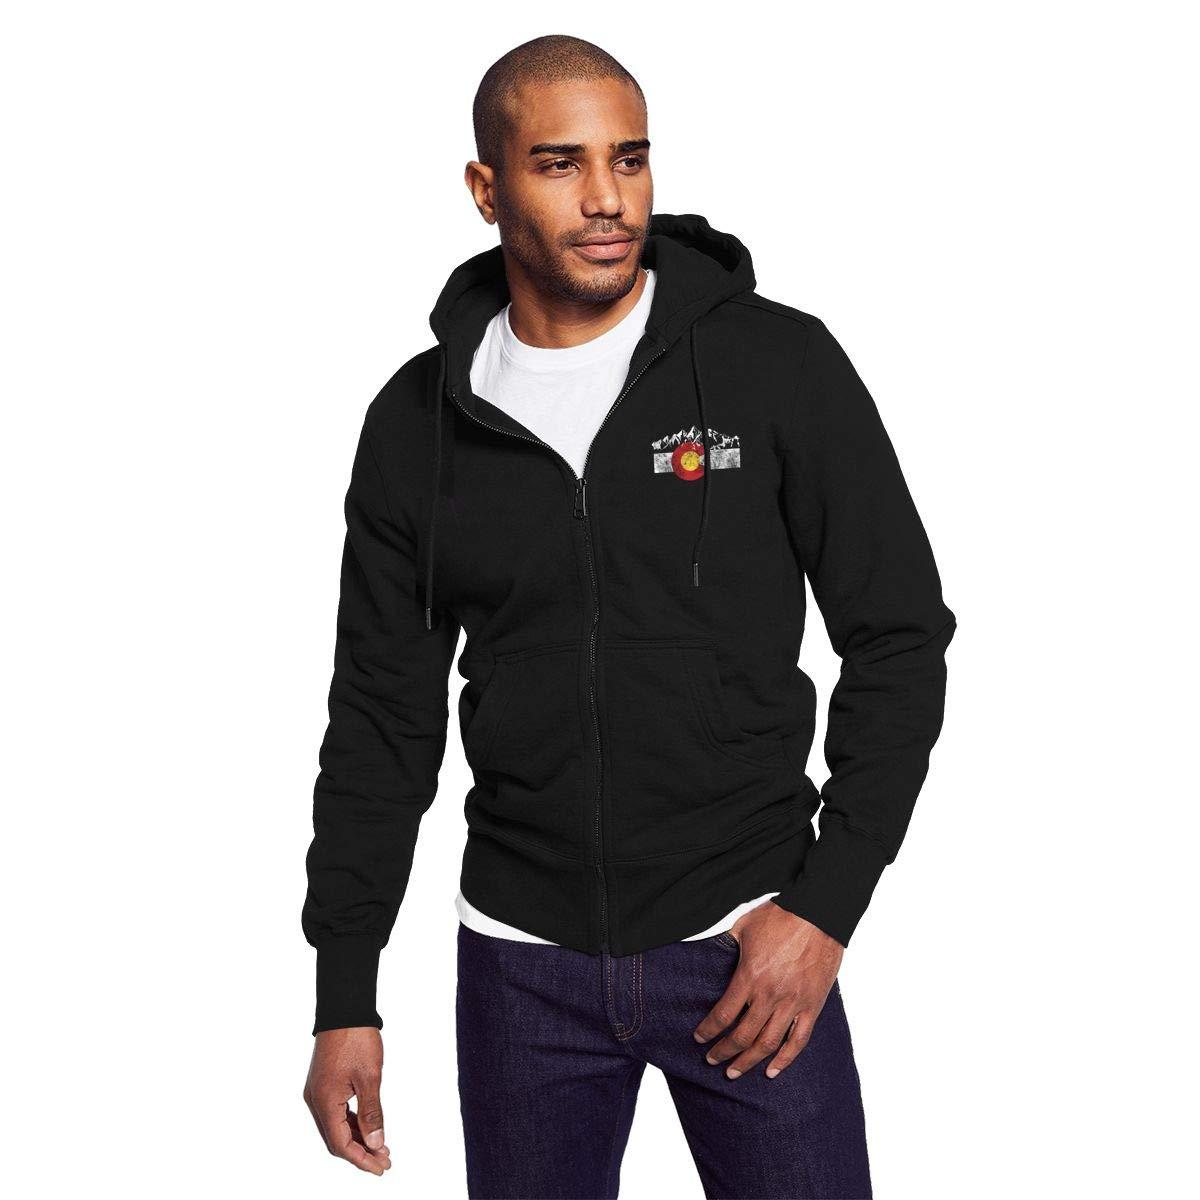 Fleece Sweatshirt Pullover Graphic Jacket Hipster Style Hoodie Full Zip Hoodies for Men Lightweight